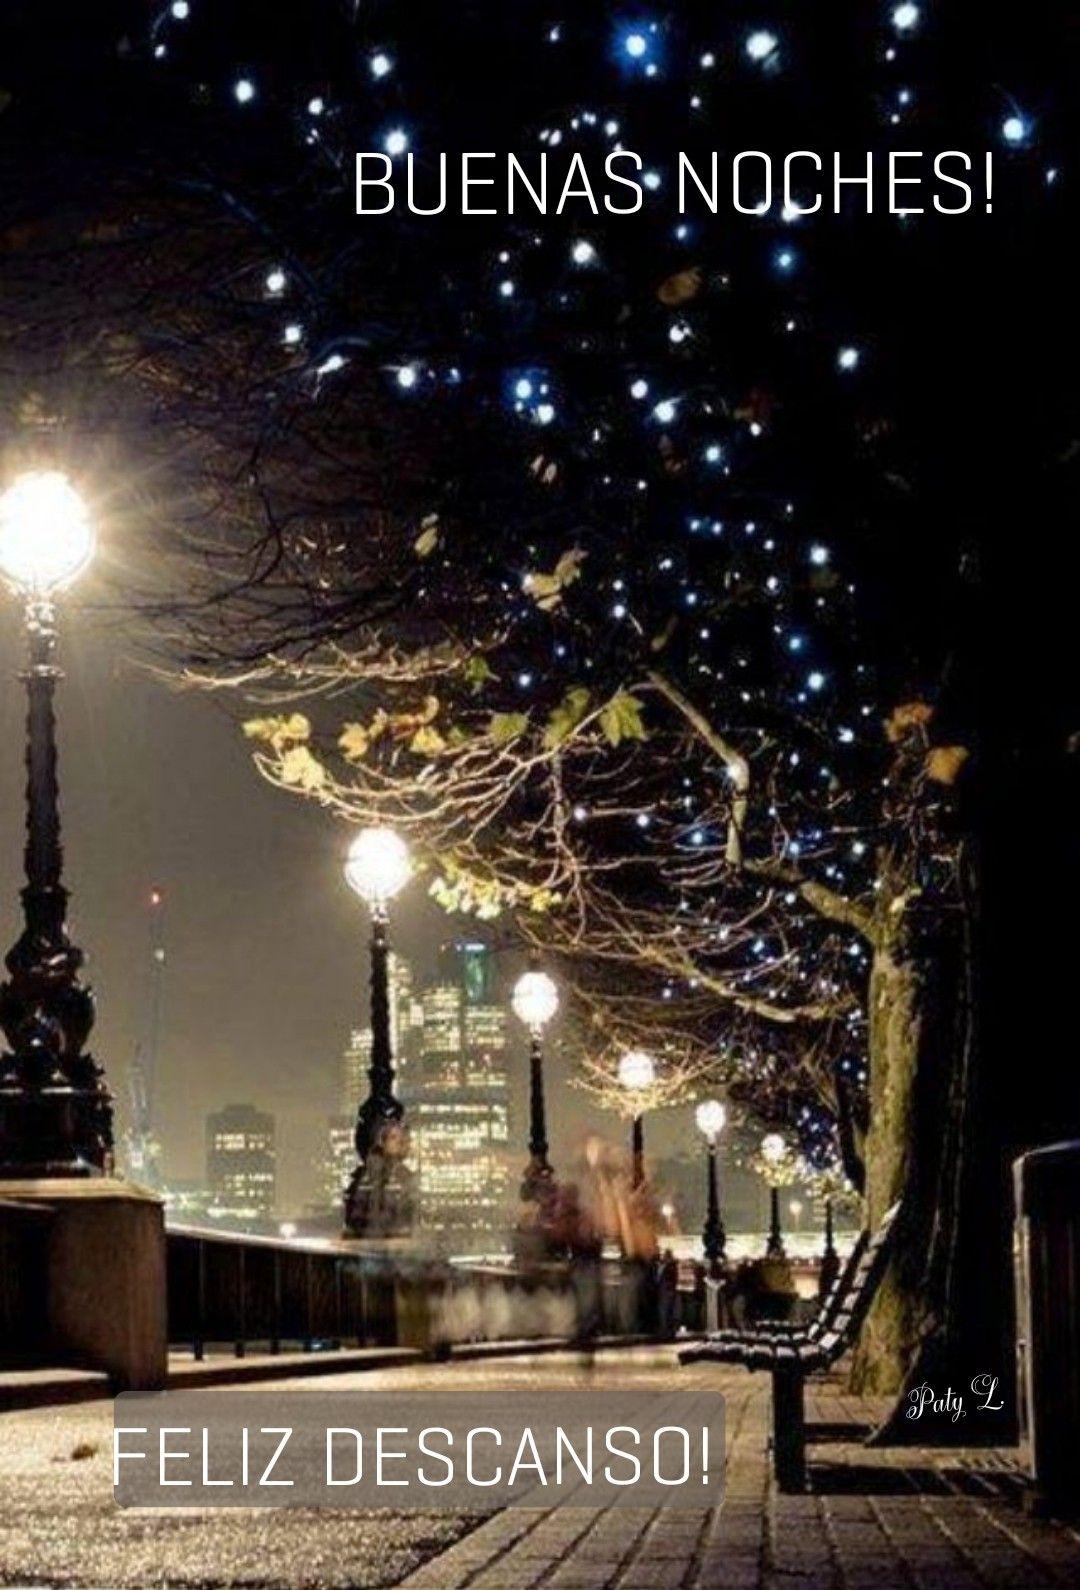 Luces De La Ciudad Desear Buenas Noches Gifs De Buenas Noches Saludos De Buenas Noches